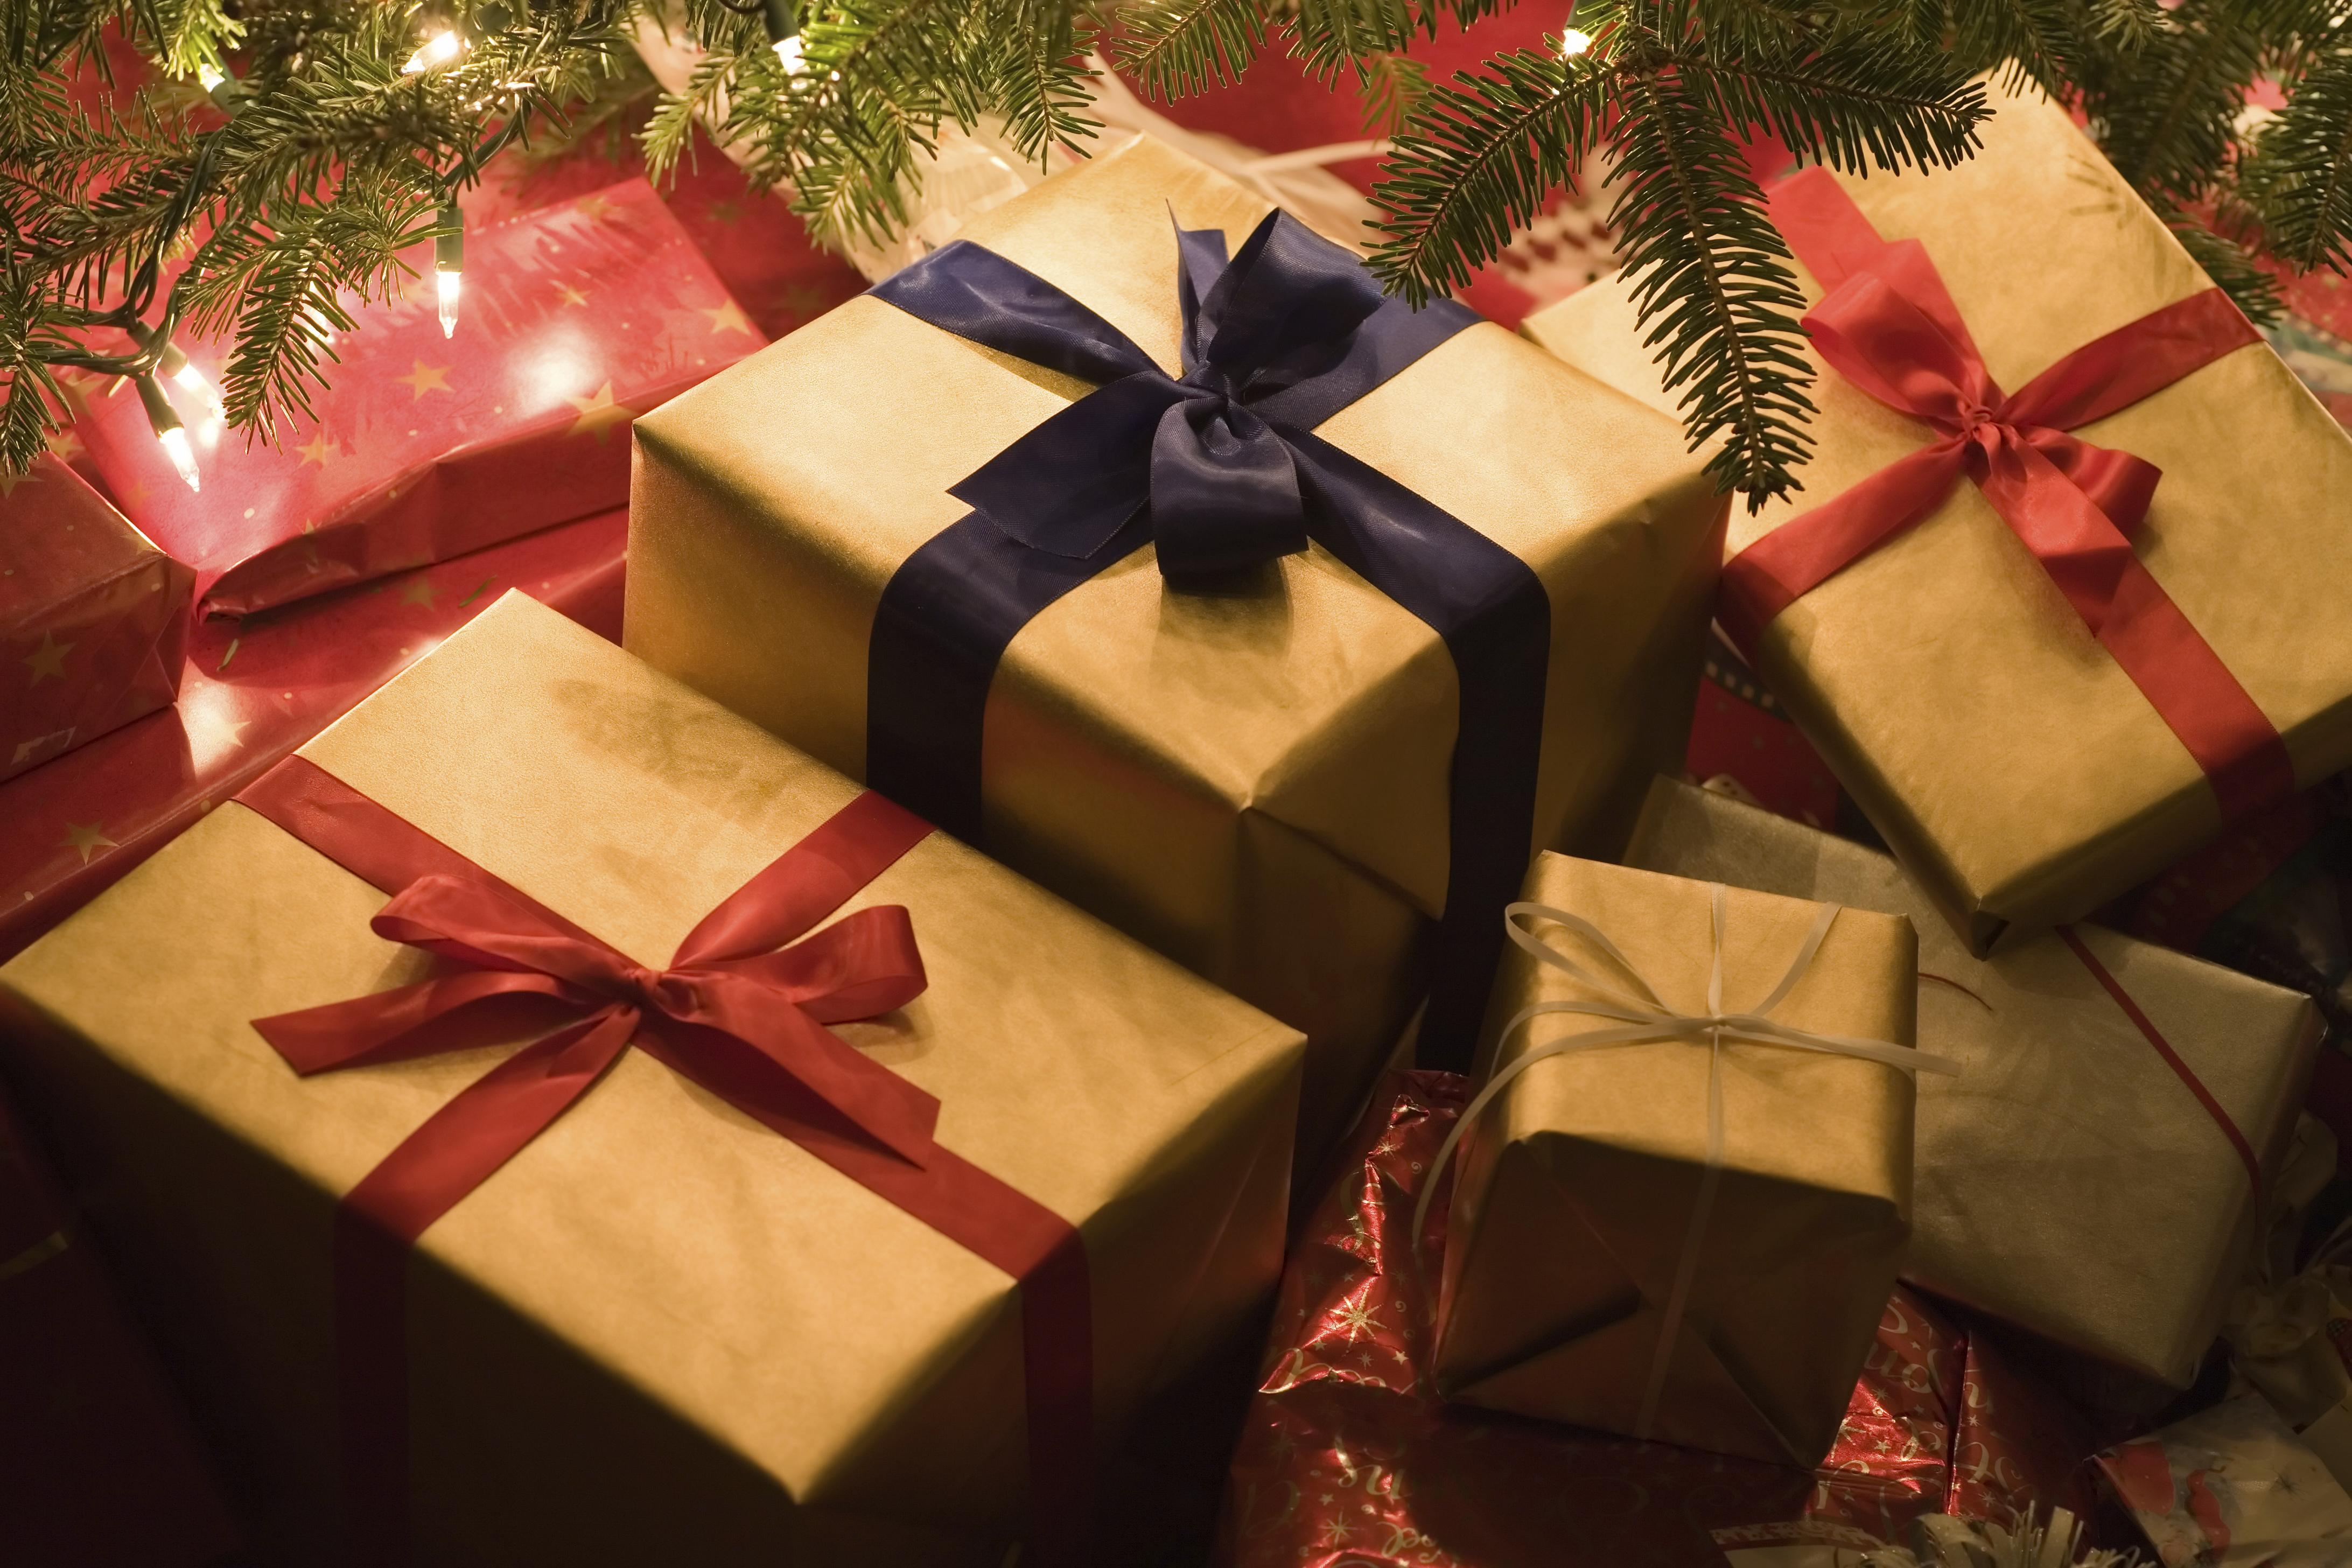 クリスマスプレゼントはペアアクセ・ネックレスがおすすめ!人気ブランド&商品紹介のサムネイル画像